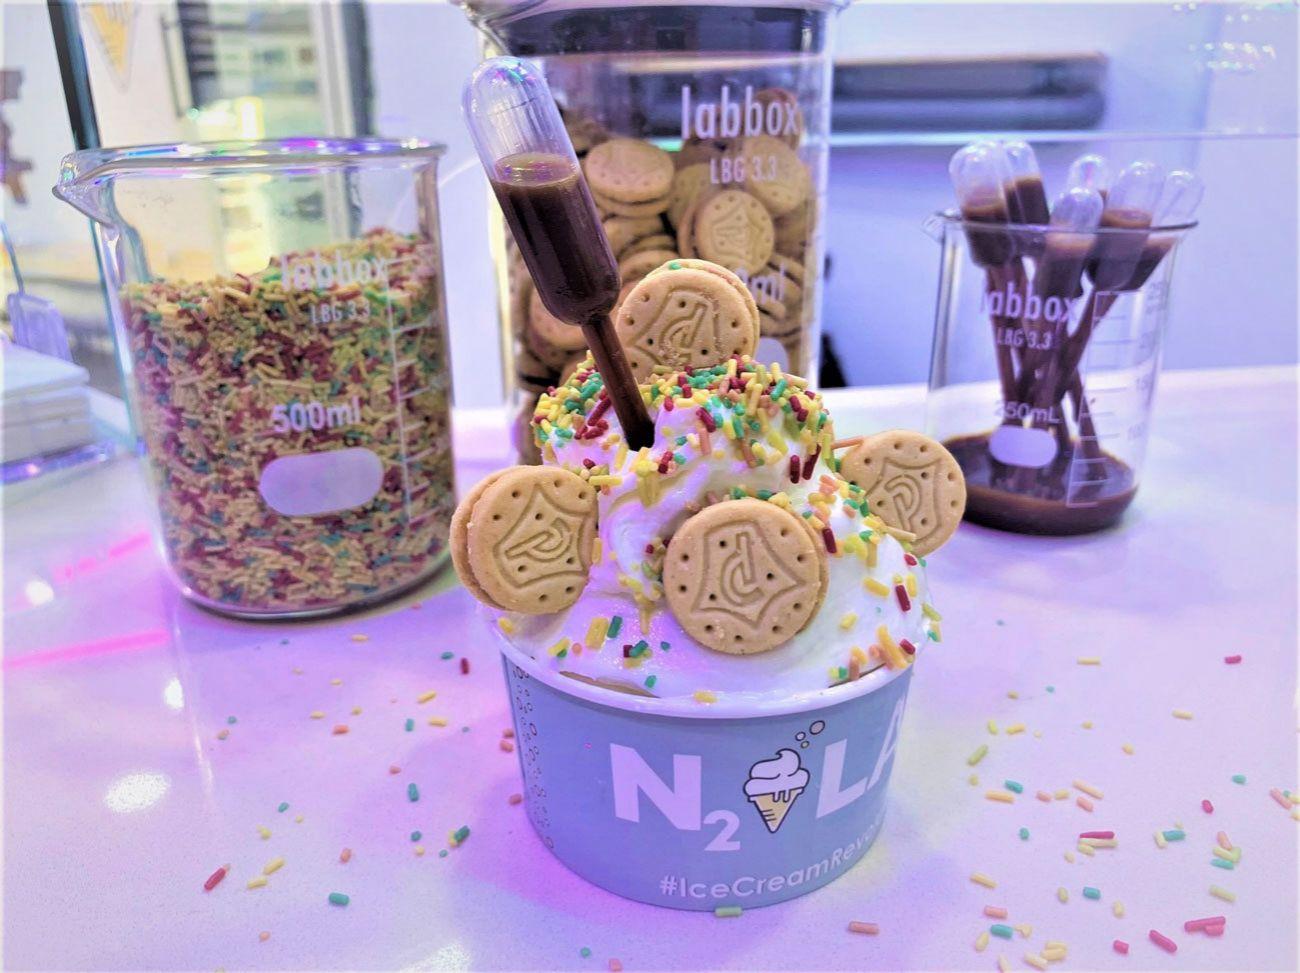 Los helados de N2 Lab se pueden personalizar casi por completo.